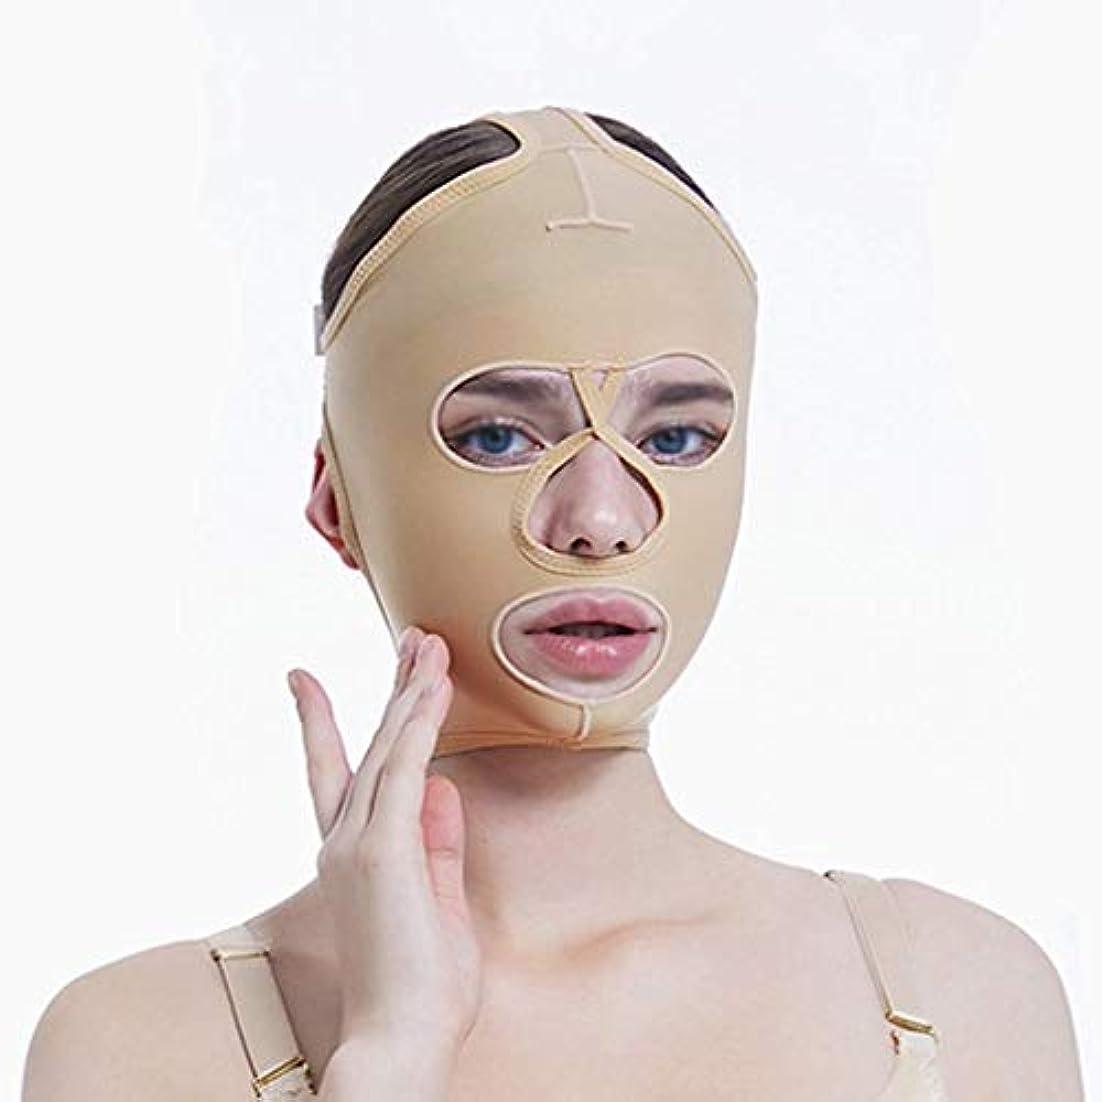 傾向がある訴える政治家のチンリフティングベルト、超薄型ベルト、引き締めマスク、包帯吊り、フェイスリフティングマスク、超薄型ベルト、通気性(サイズ:L),XS